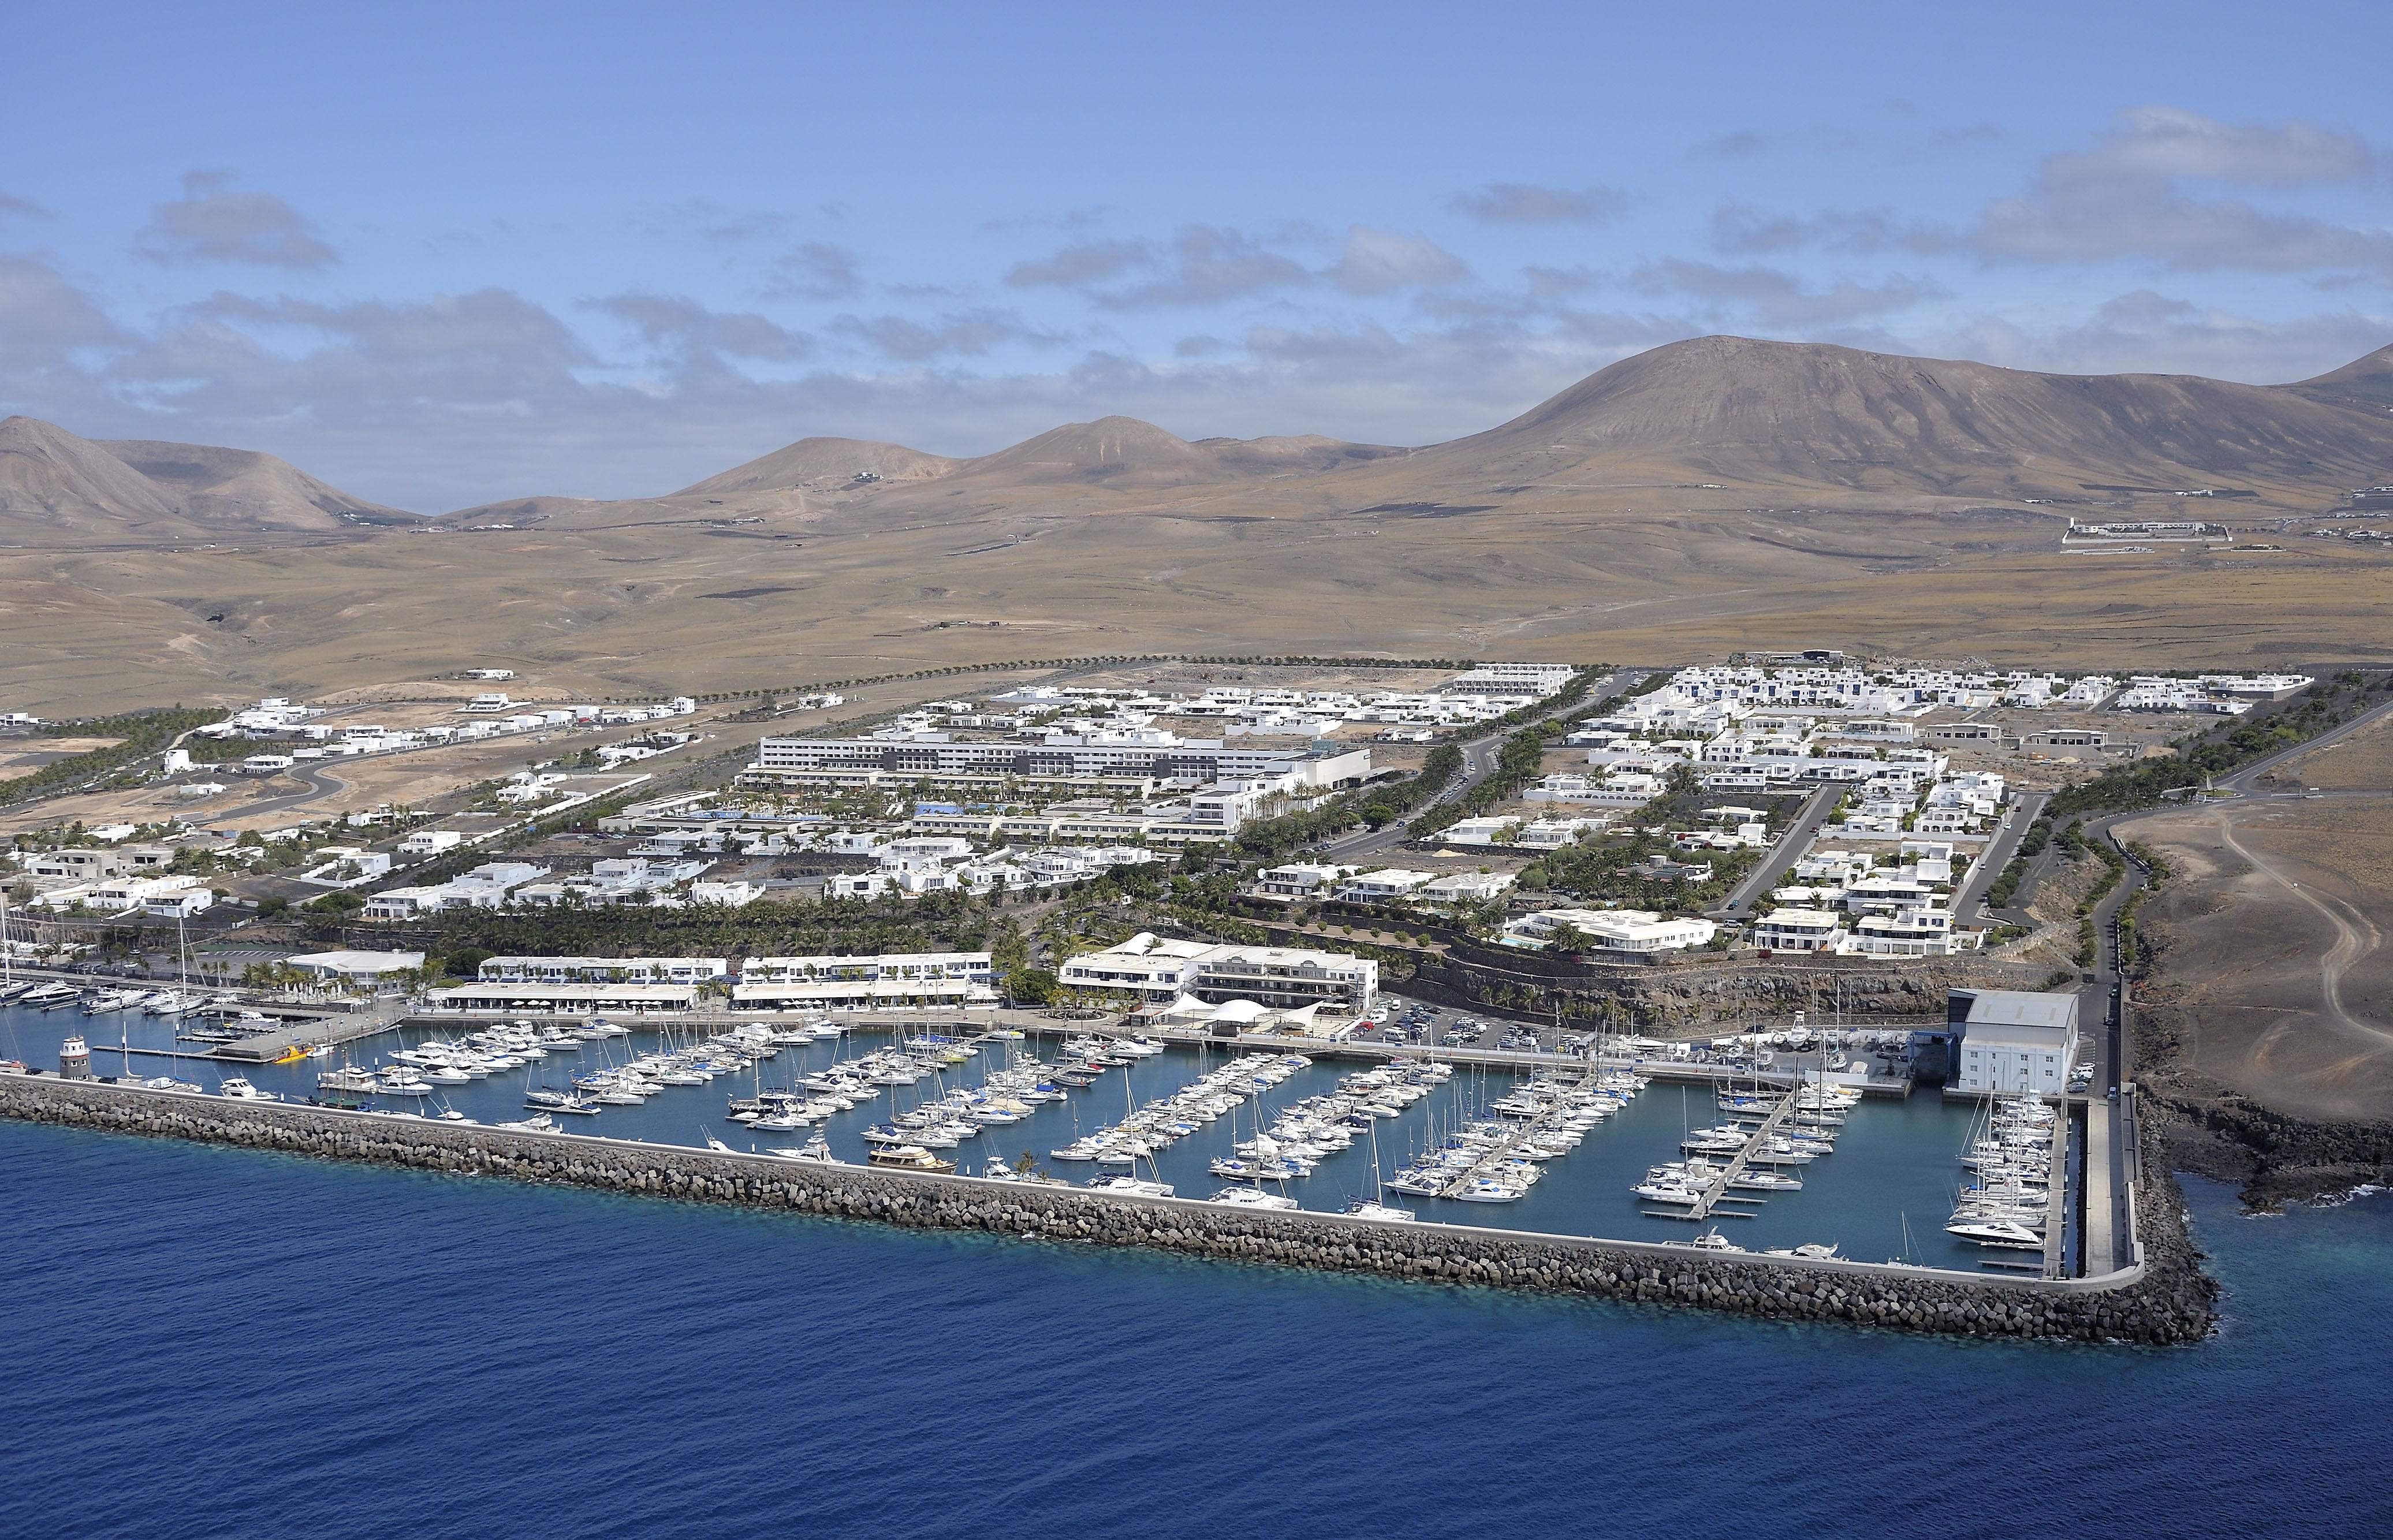 Aerial View of Puerto Calero Marina